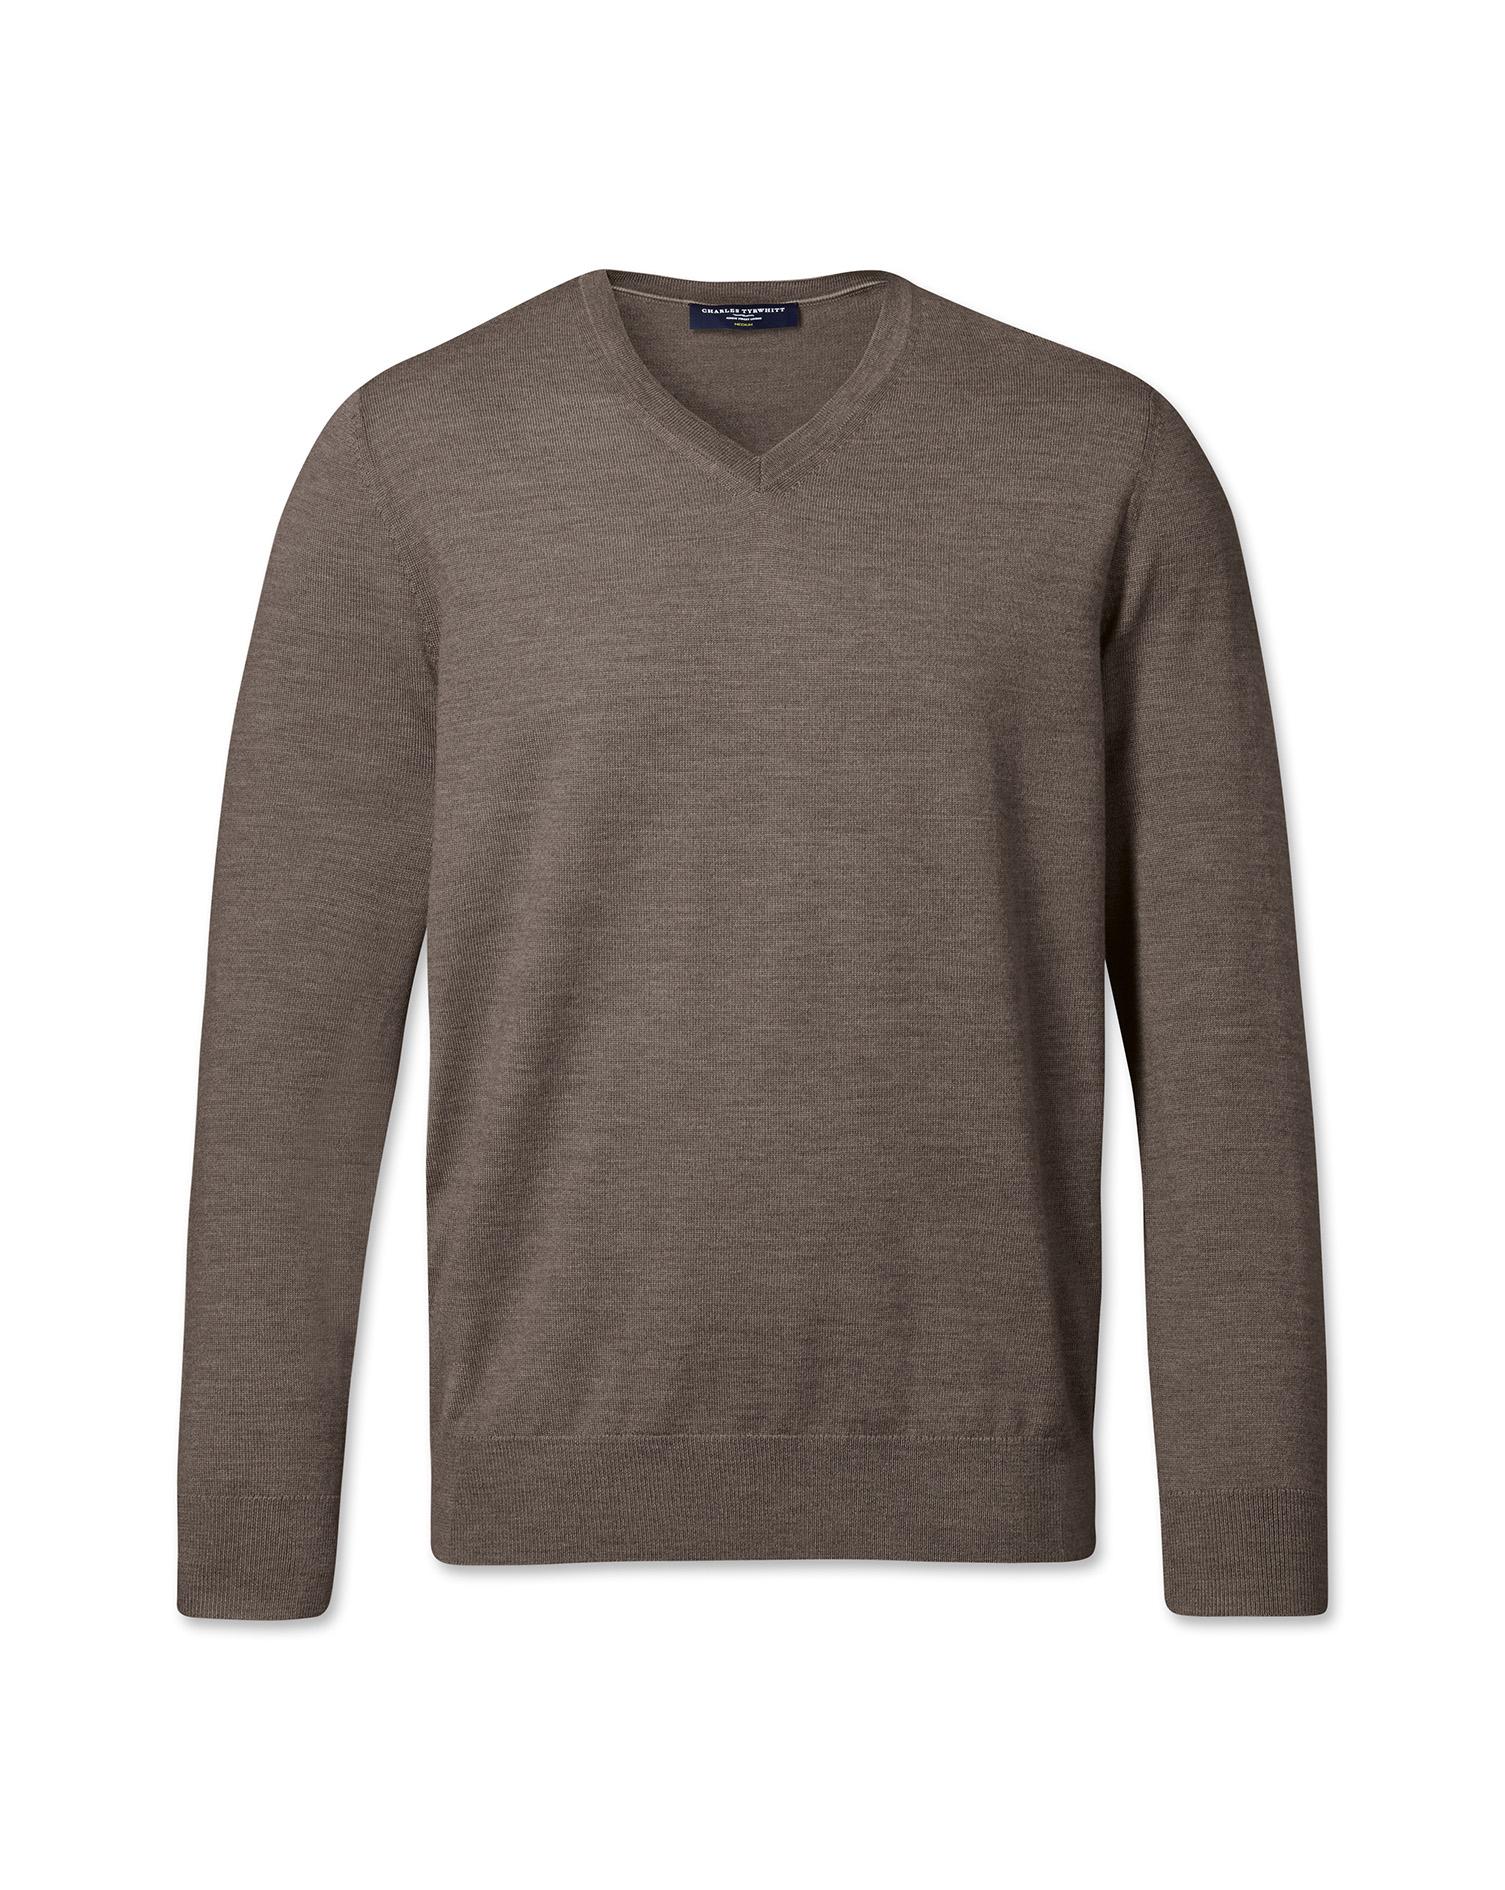 2b1a233400 Mocha merino wool v-neck jumper